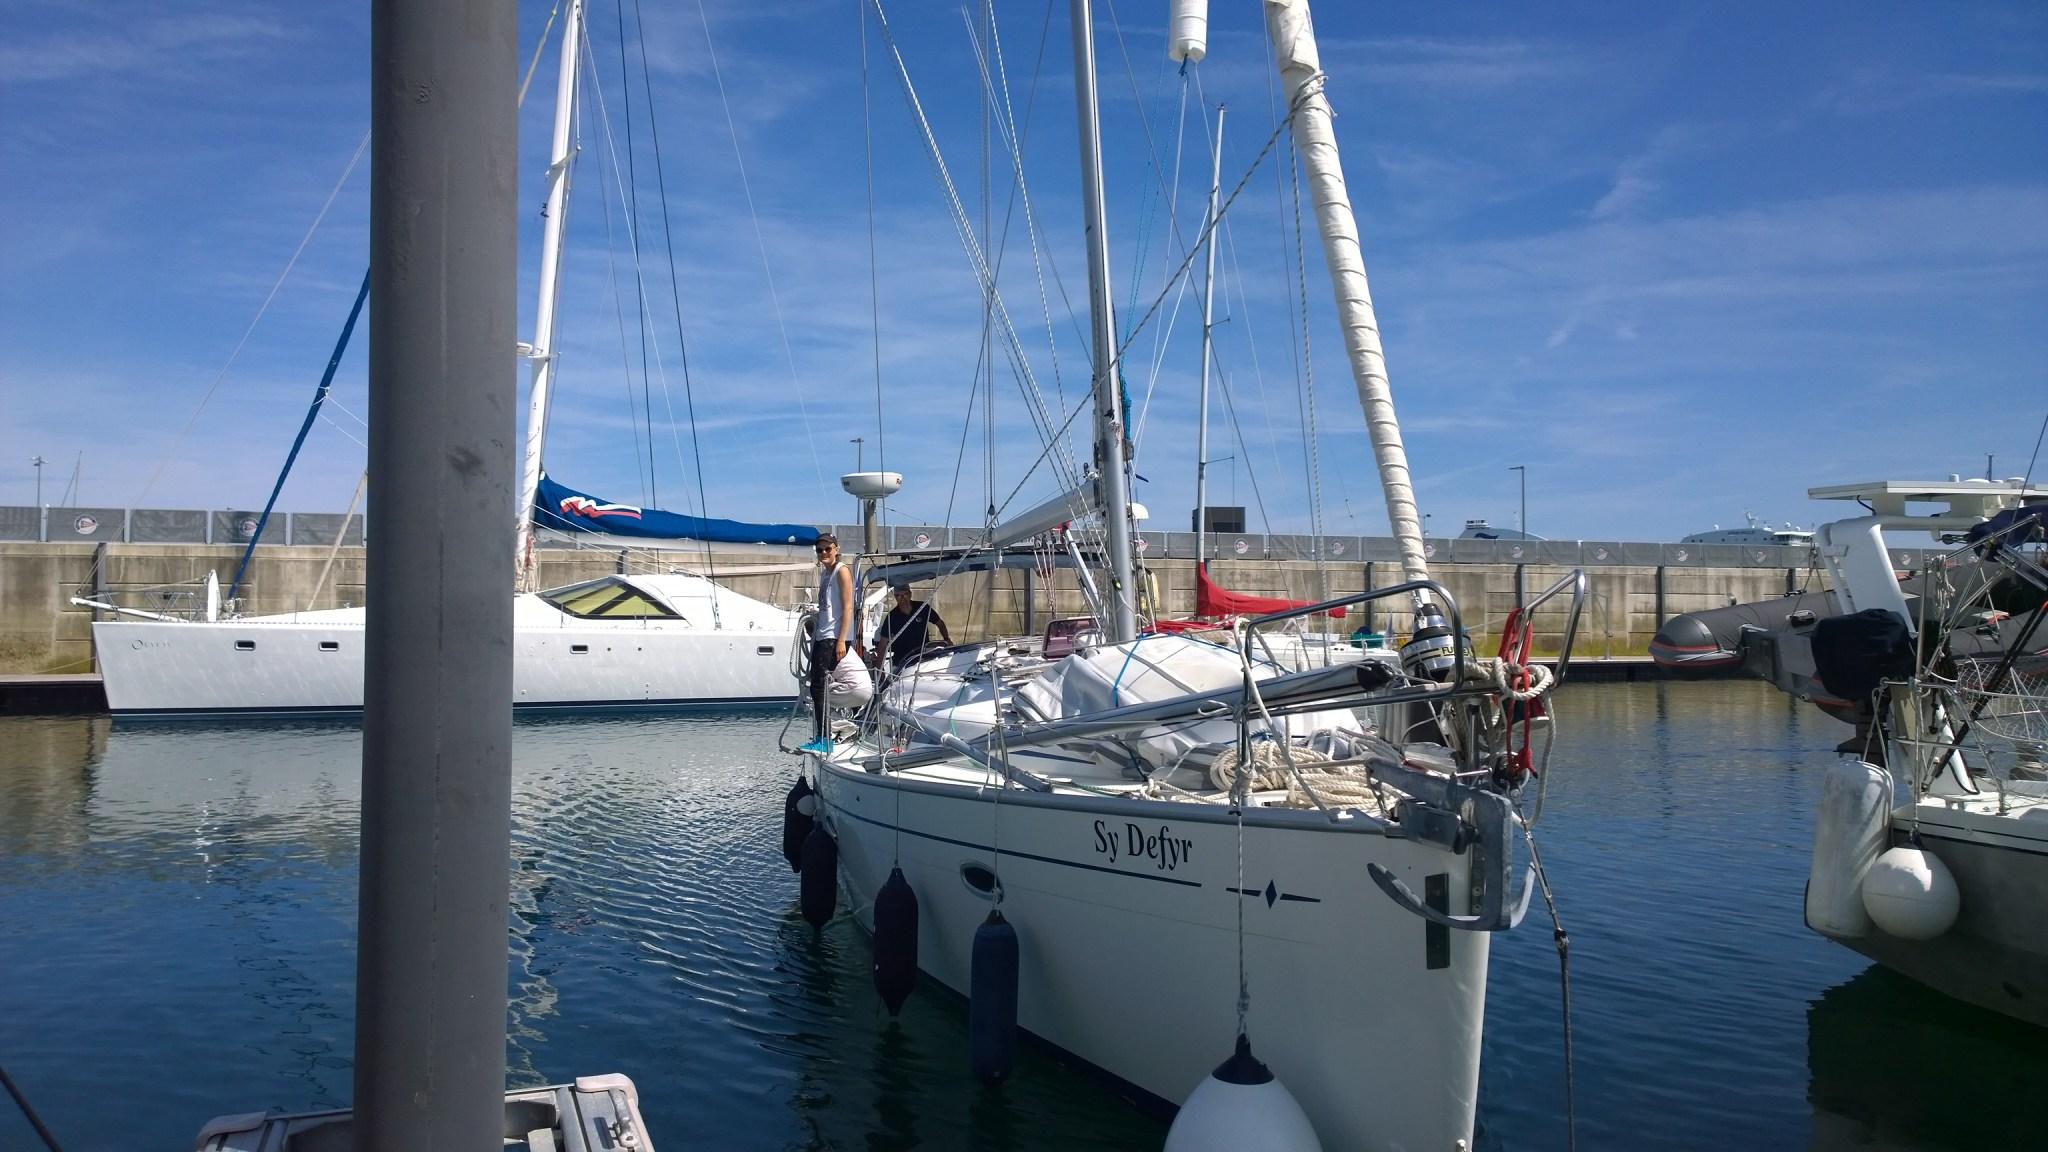 Vene on luovutettu isälle ja siskolle Roscoffissa. Ensimmäinen rantautuminen vuoden tauon jälkeen kahdestaan, kun vene siirrettiin satamassa toiseen paikkaan.